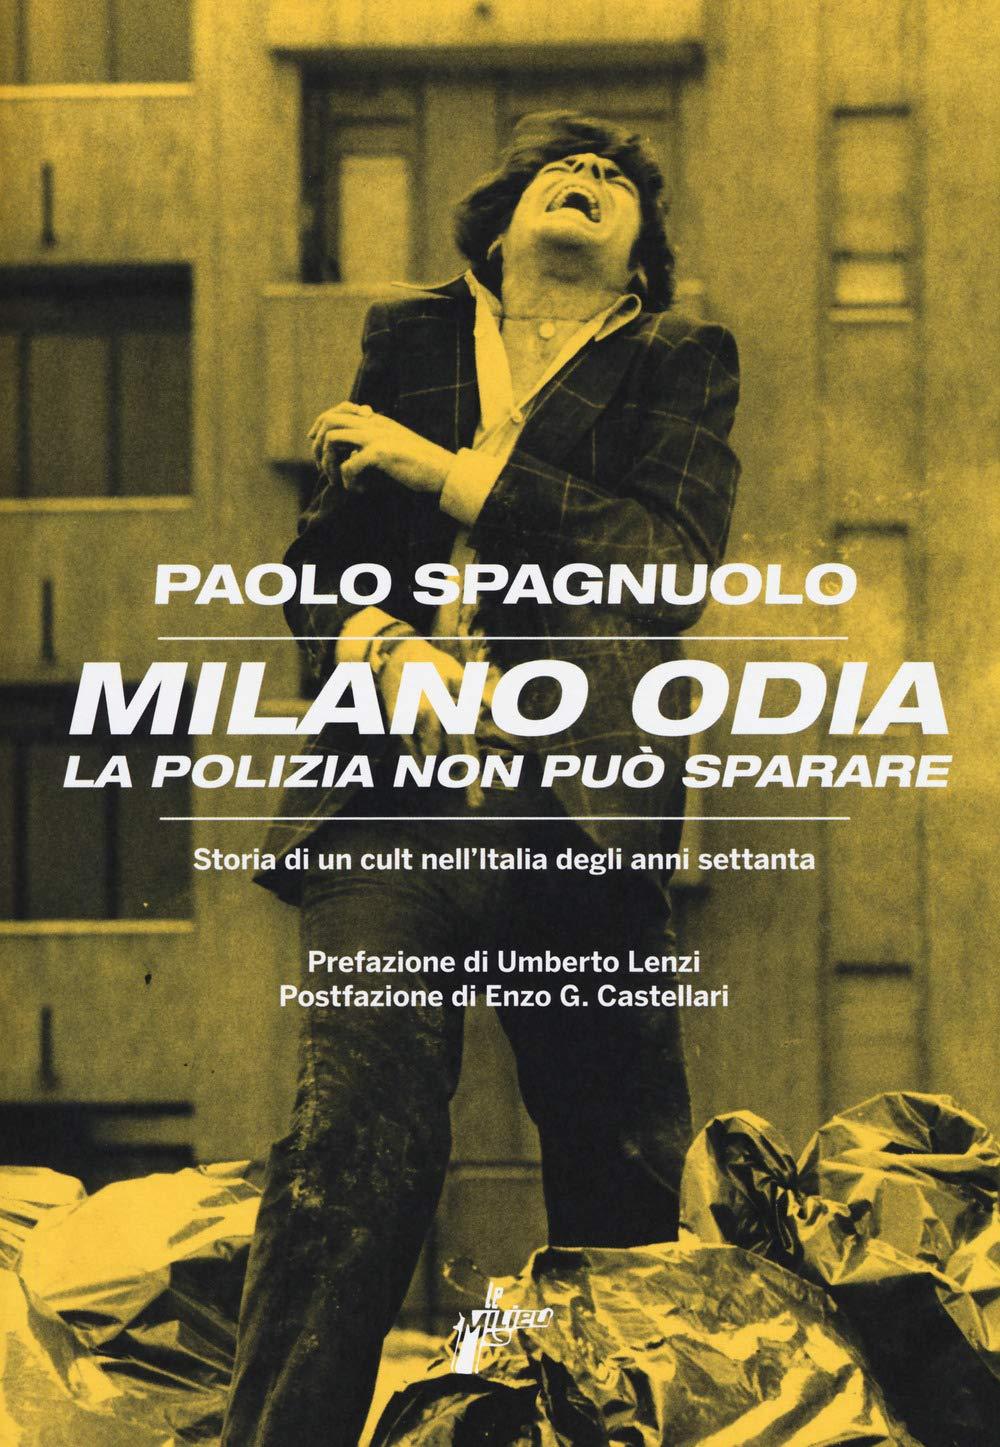 """libro di Paolo Spagnuolo, """"Milano odia, la polizia non può sparare"""". Tratto dall'omonimo film del 1974 diretto da Umberto Lenzi"""